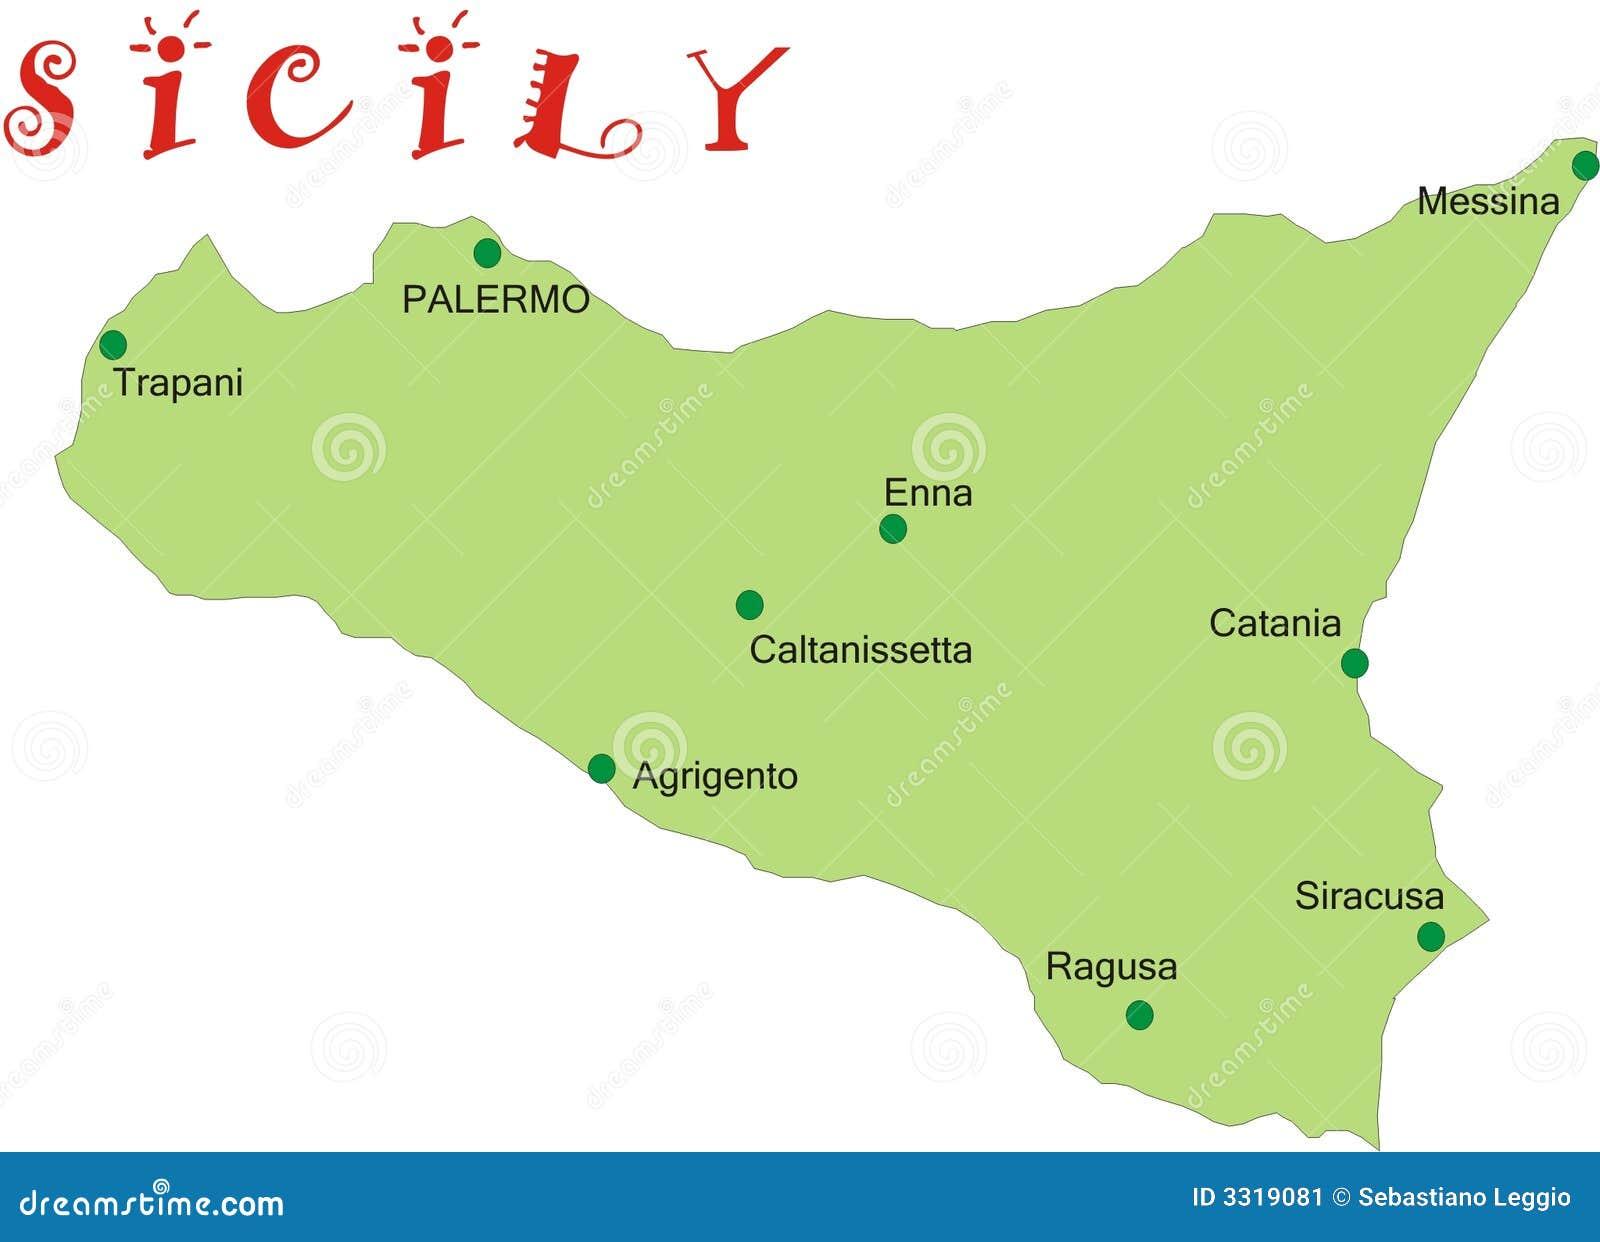 essay photo catania sicily map